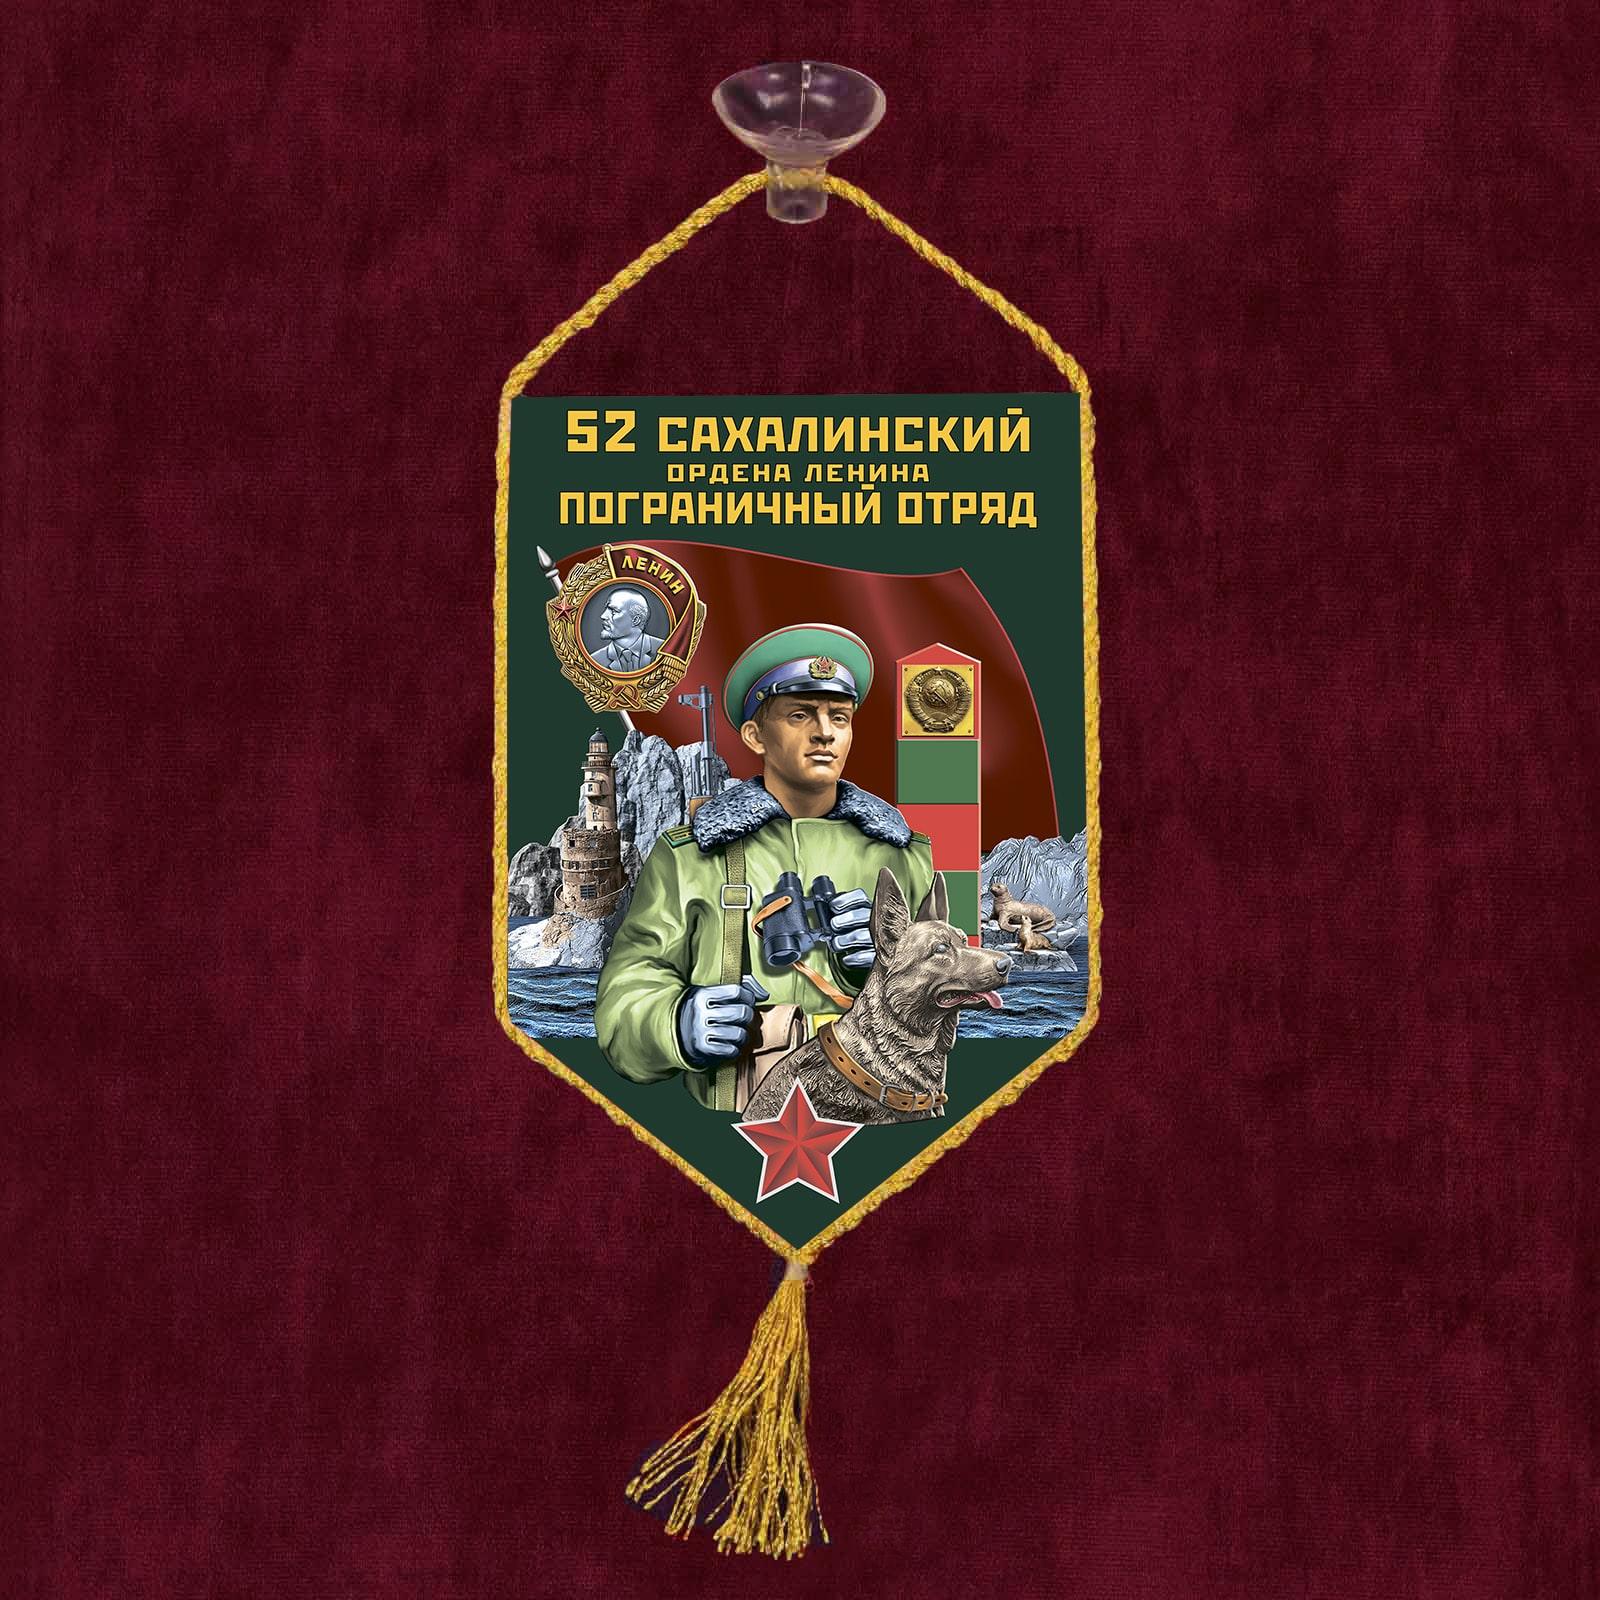 Автомобильный вымпел 52 Сахалинский пограничный отряд